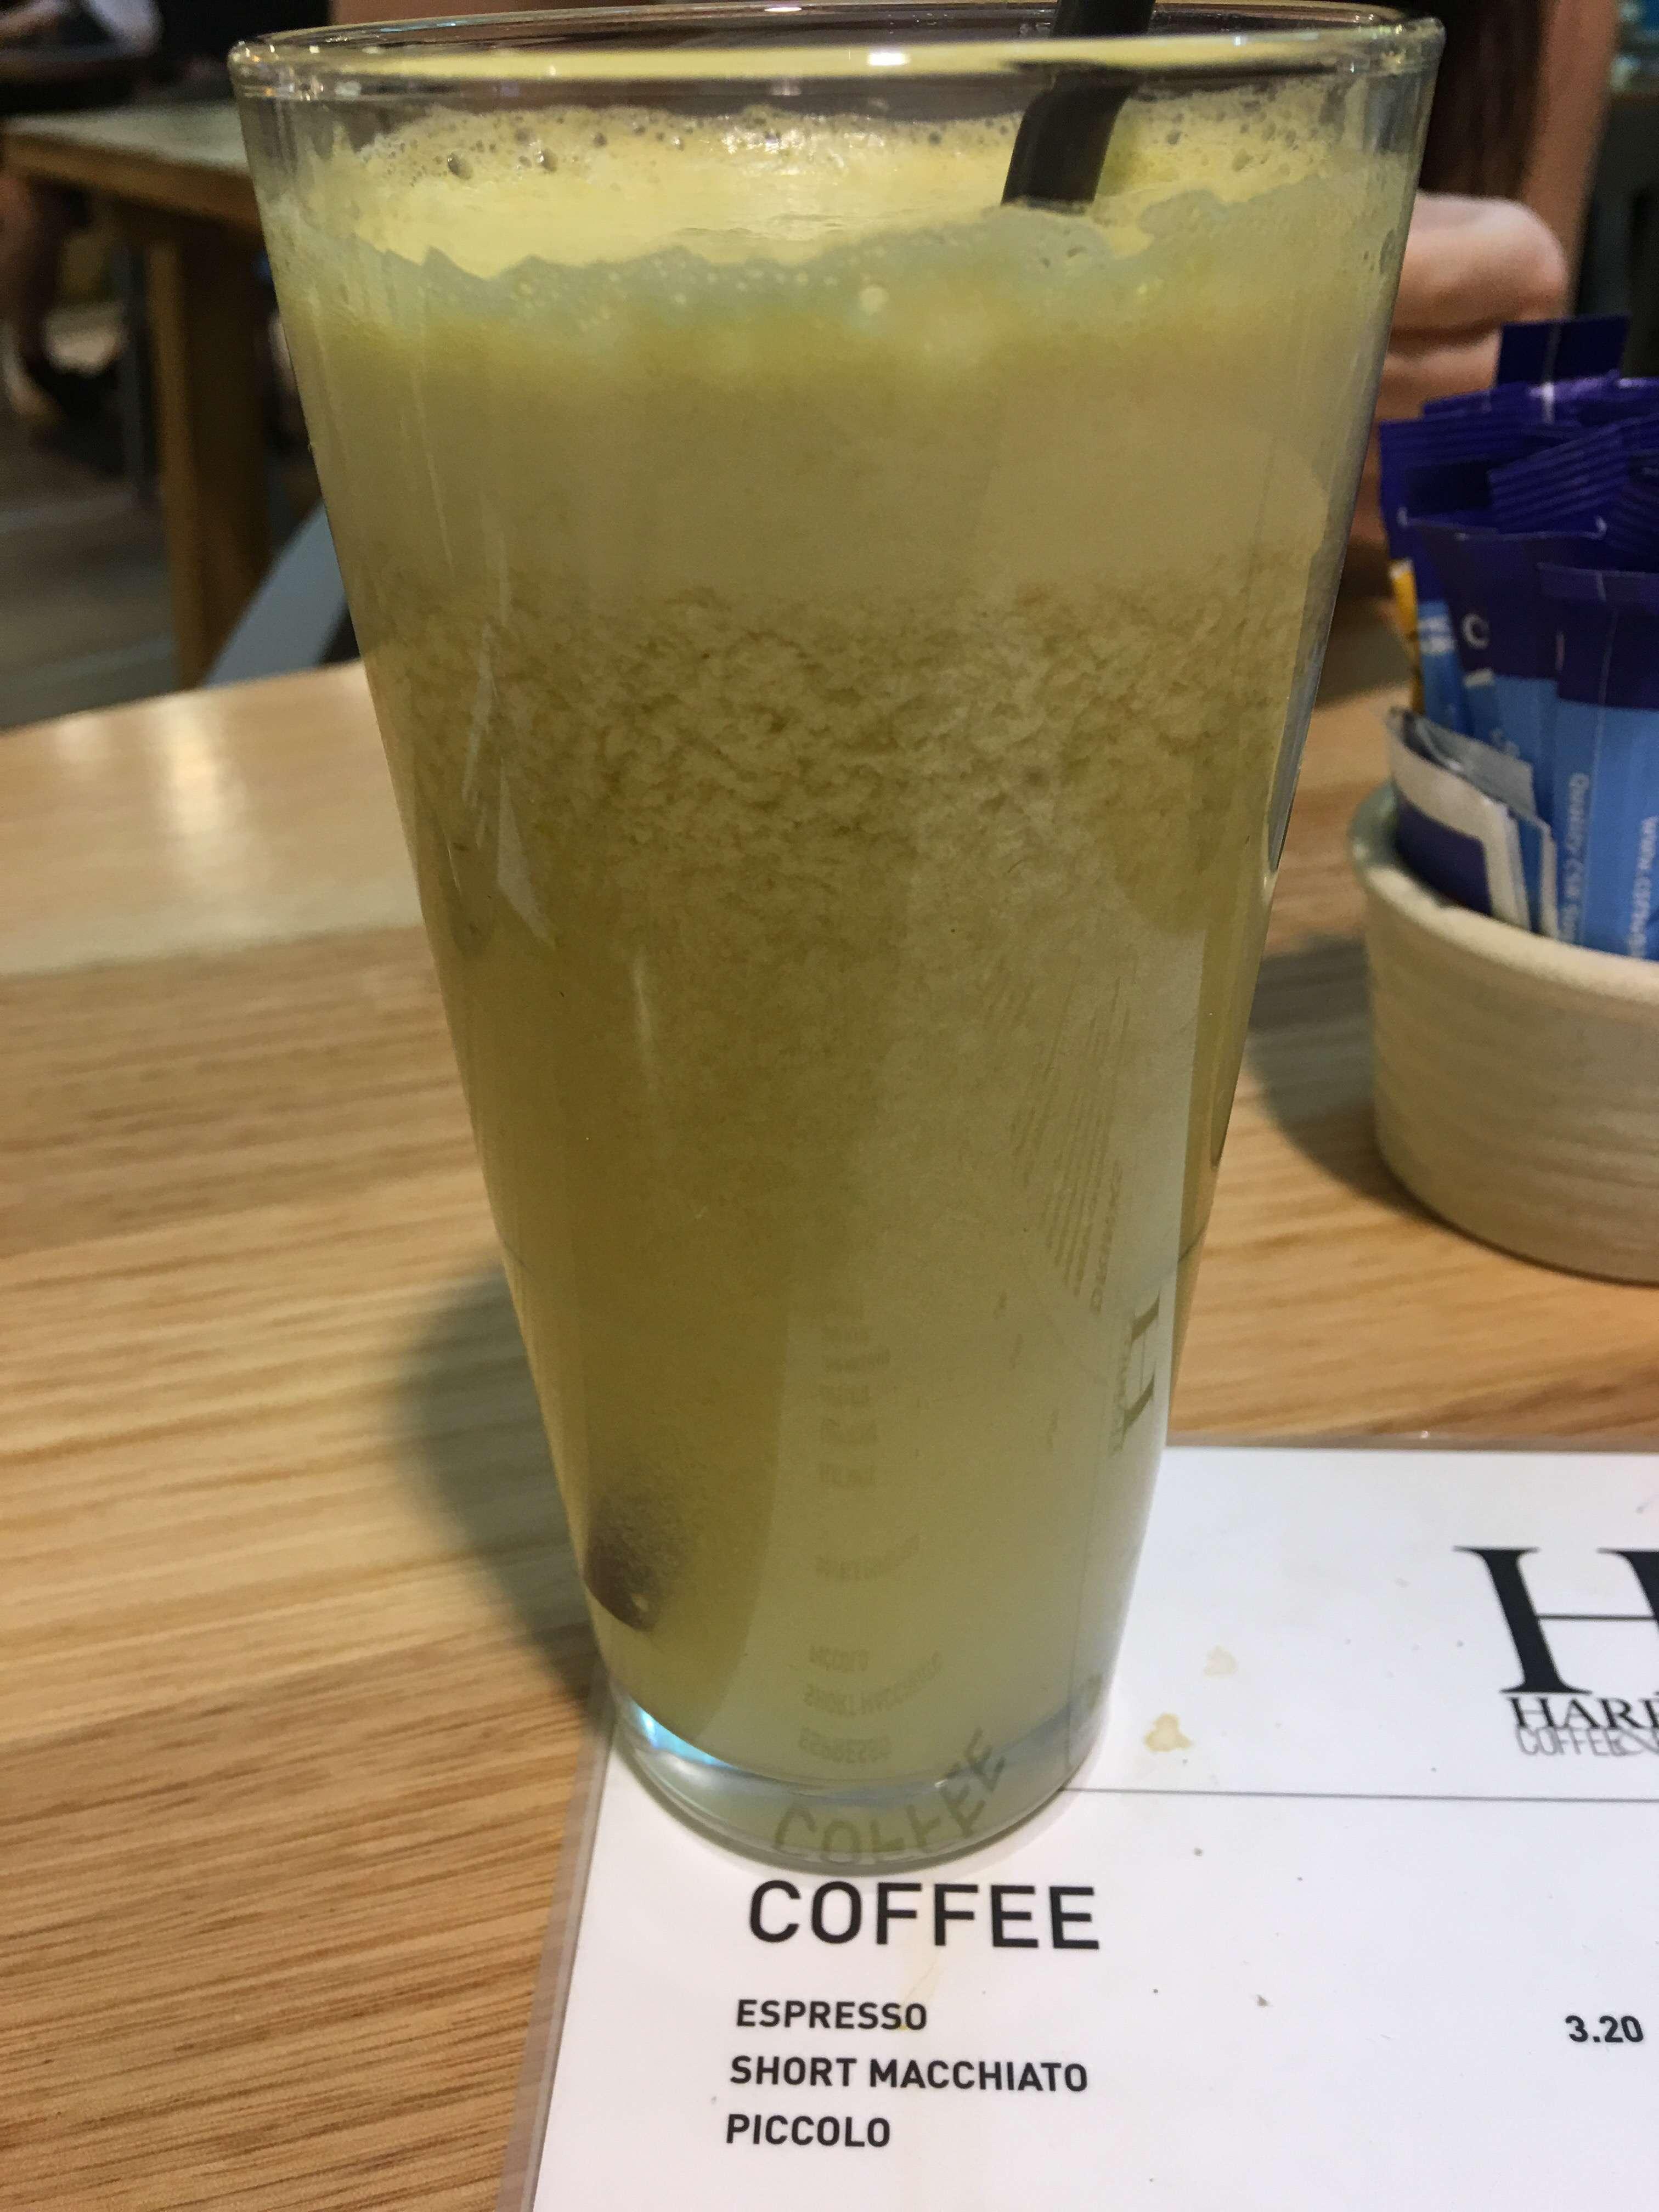 Harrys Coffee & Kitchen